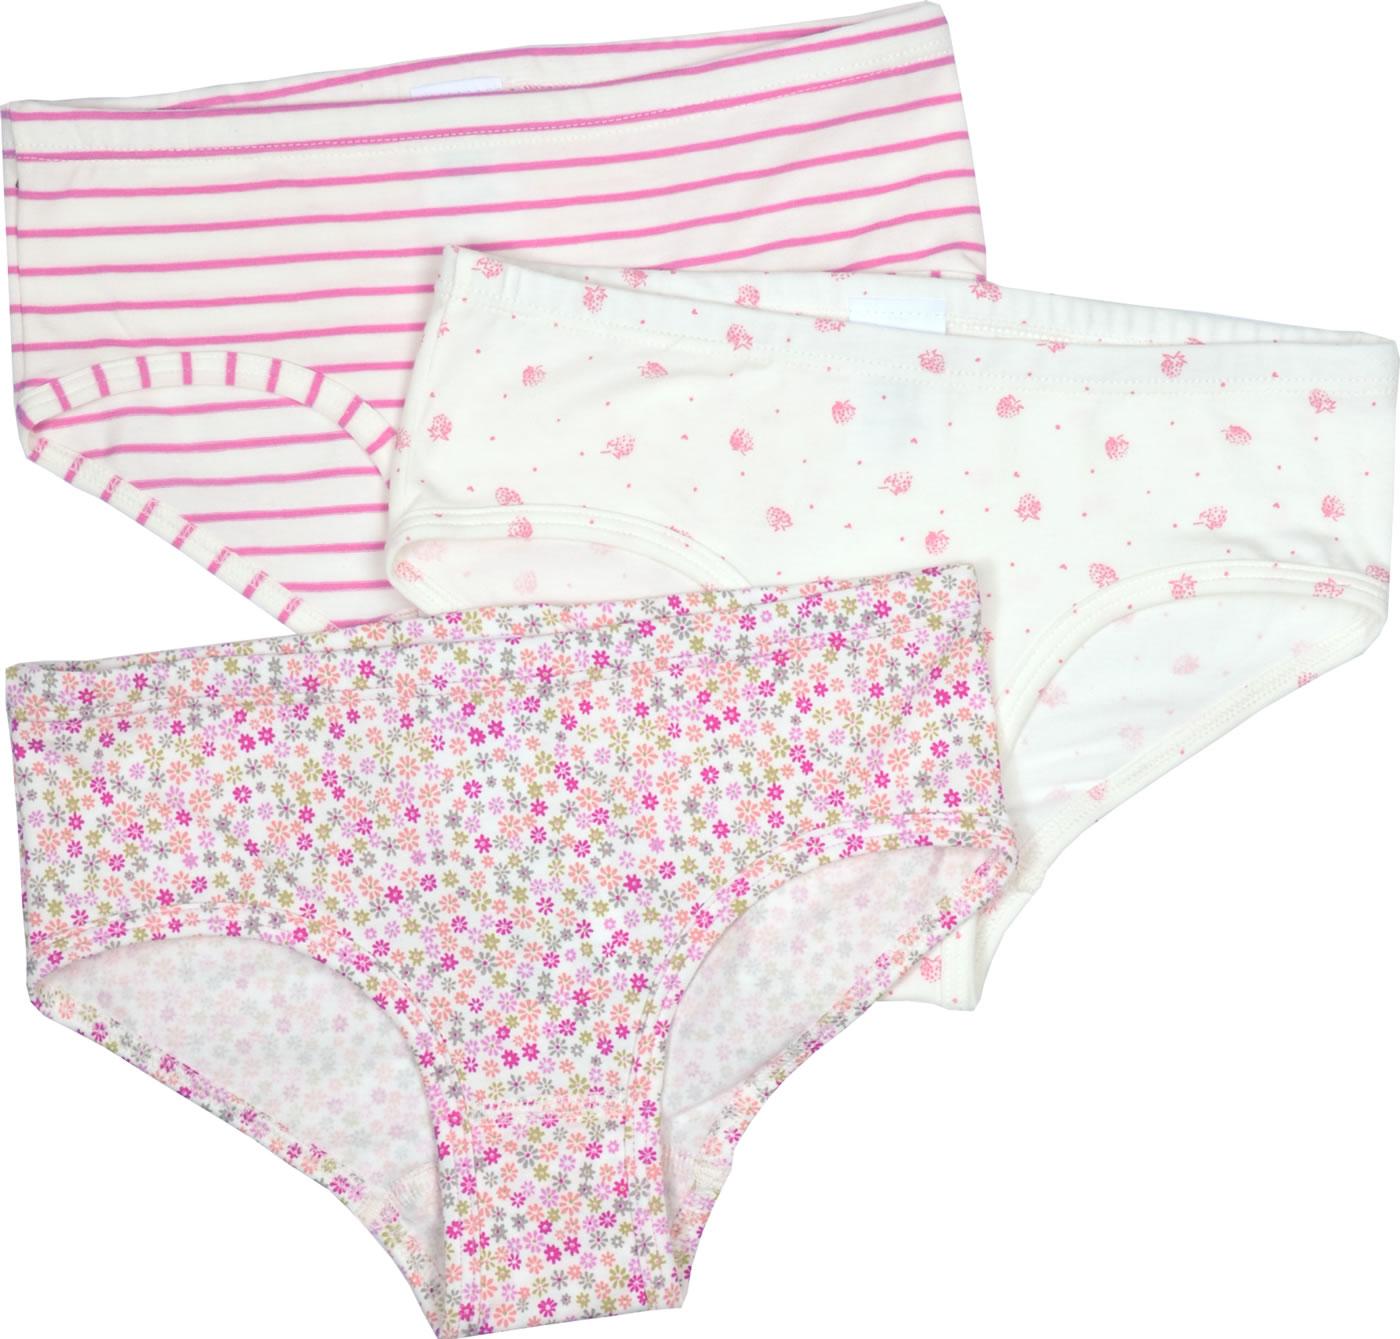 Sanetta M/ädchen Unterhose